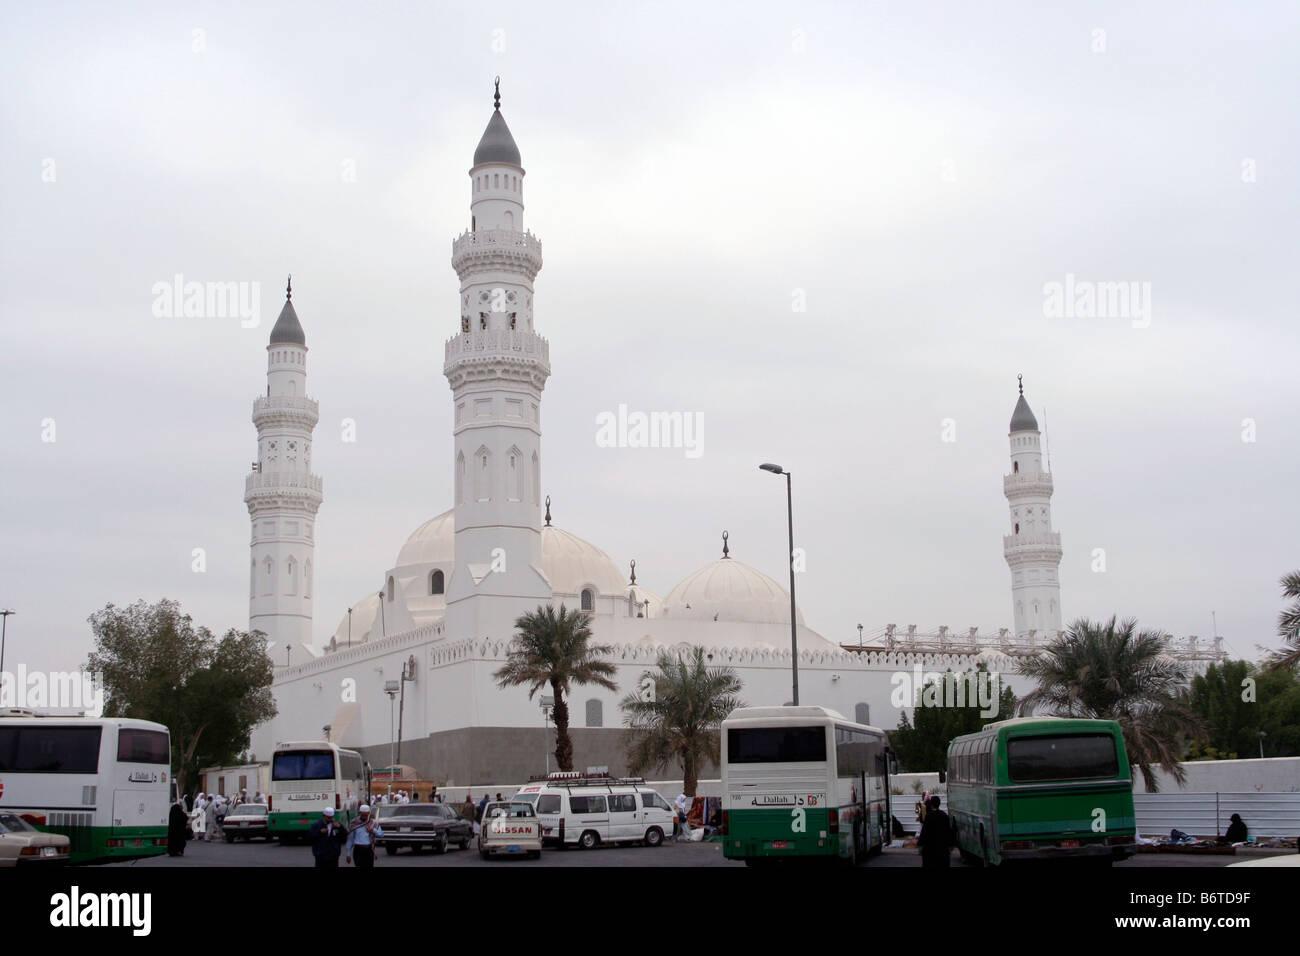 Masjid Quba - Islam's first mosque near Medina in Saudi Arabia. - Stock Image